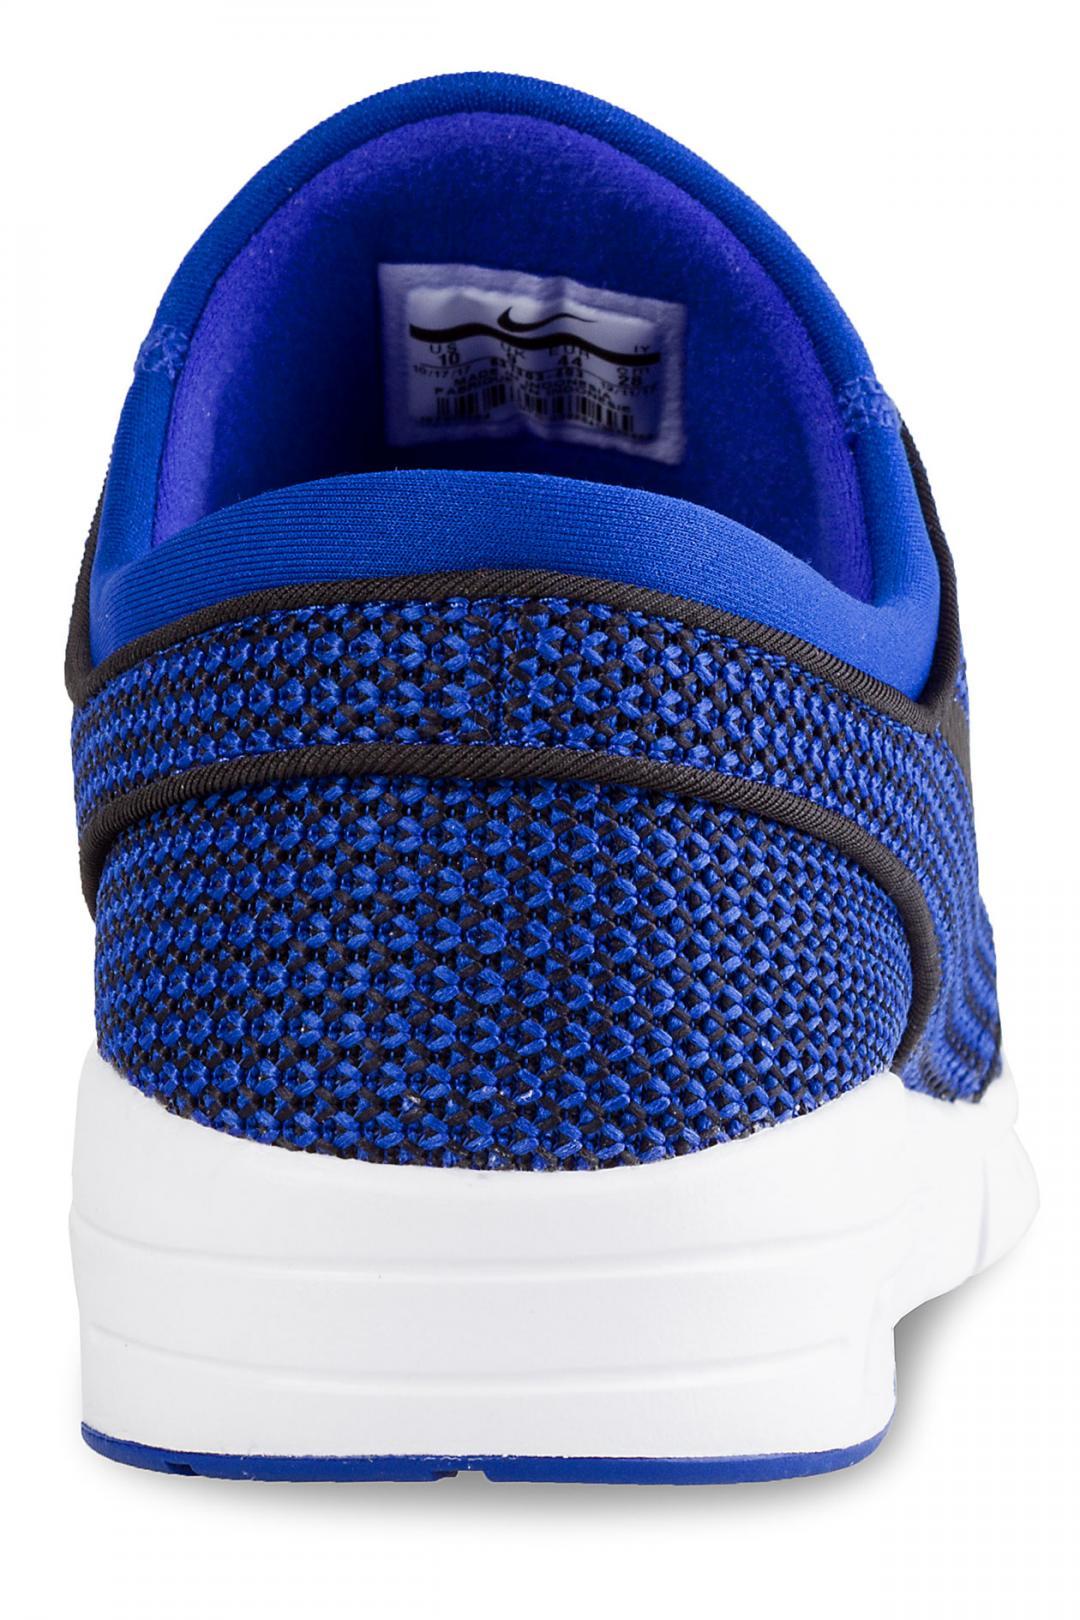 Uomo Nike SB Stefan Janoski Max hyper royal black | Sneakers low top